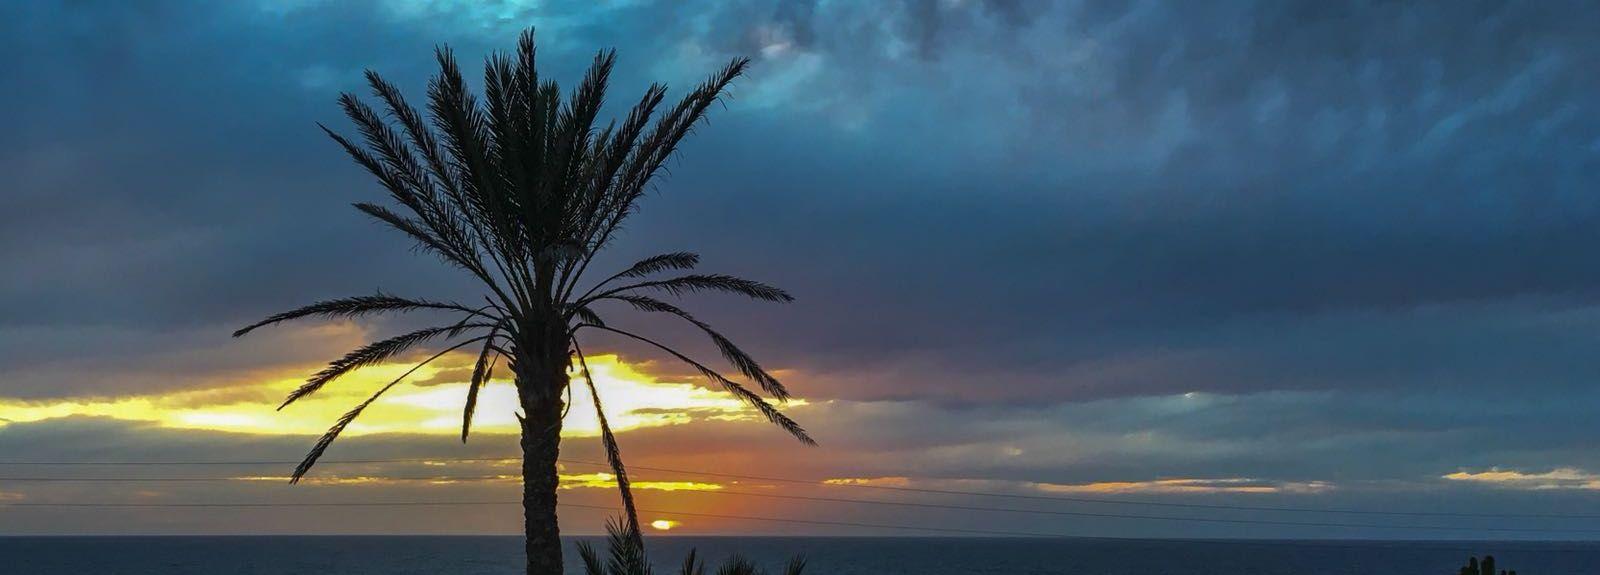 Scauri, Pantelleria, Sicily, Italy